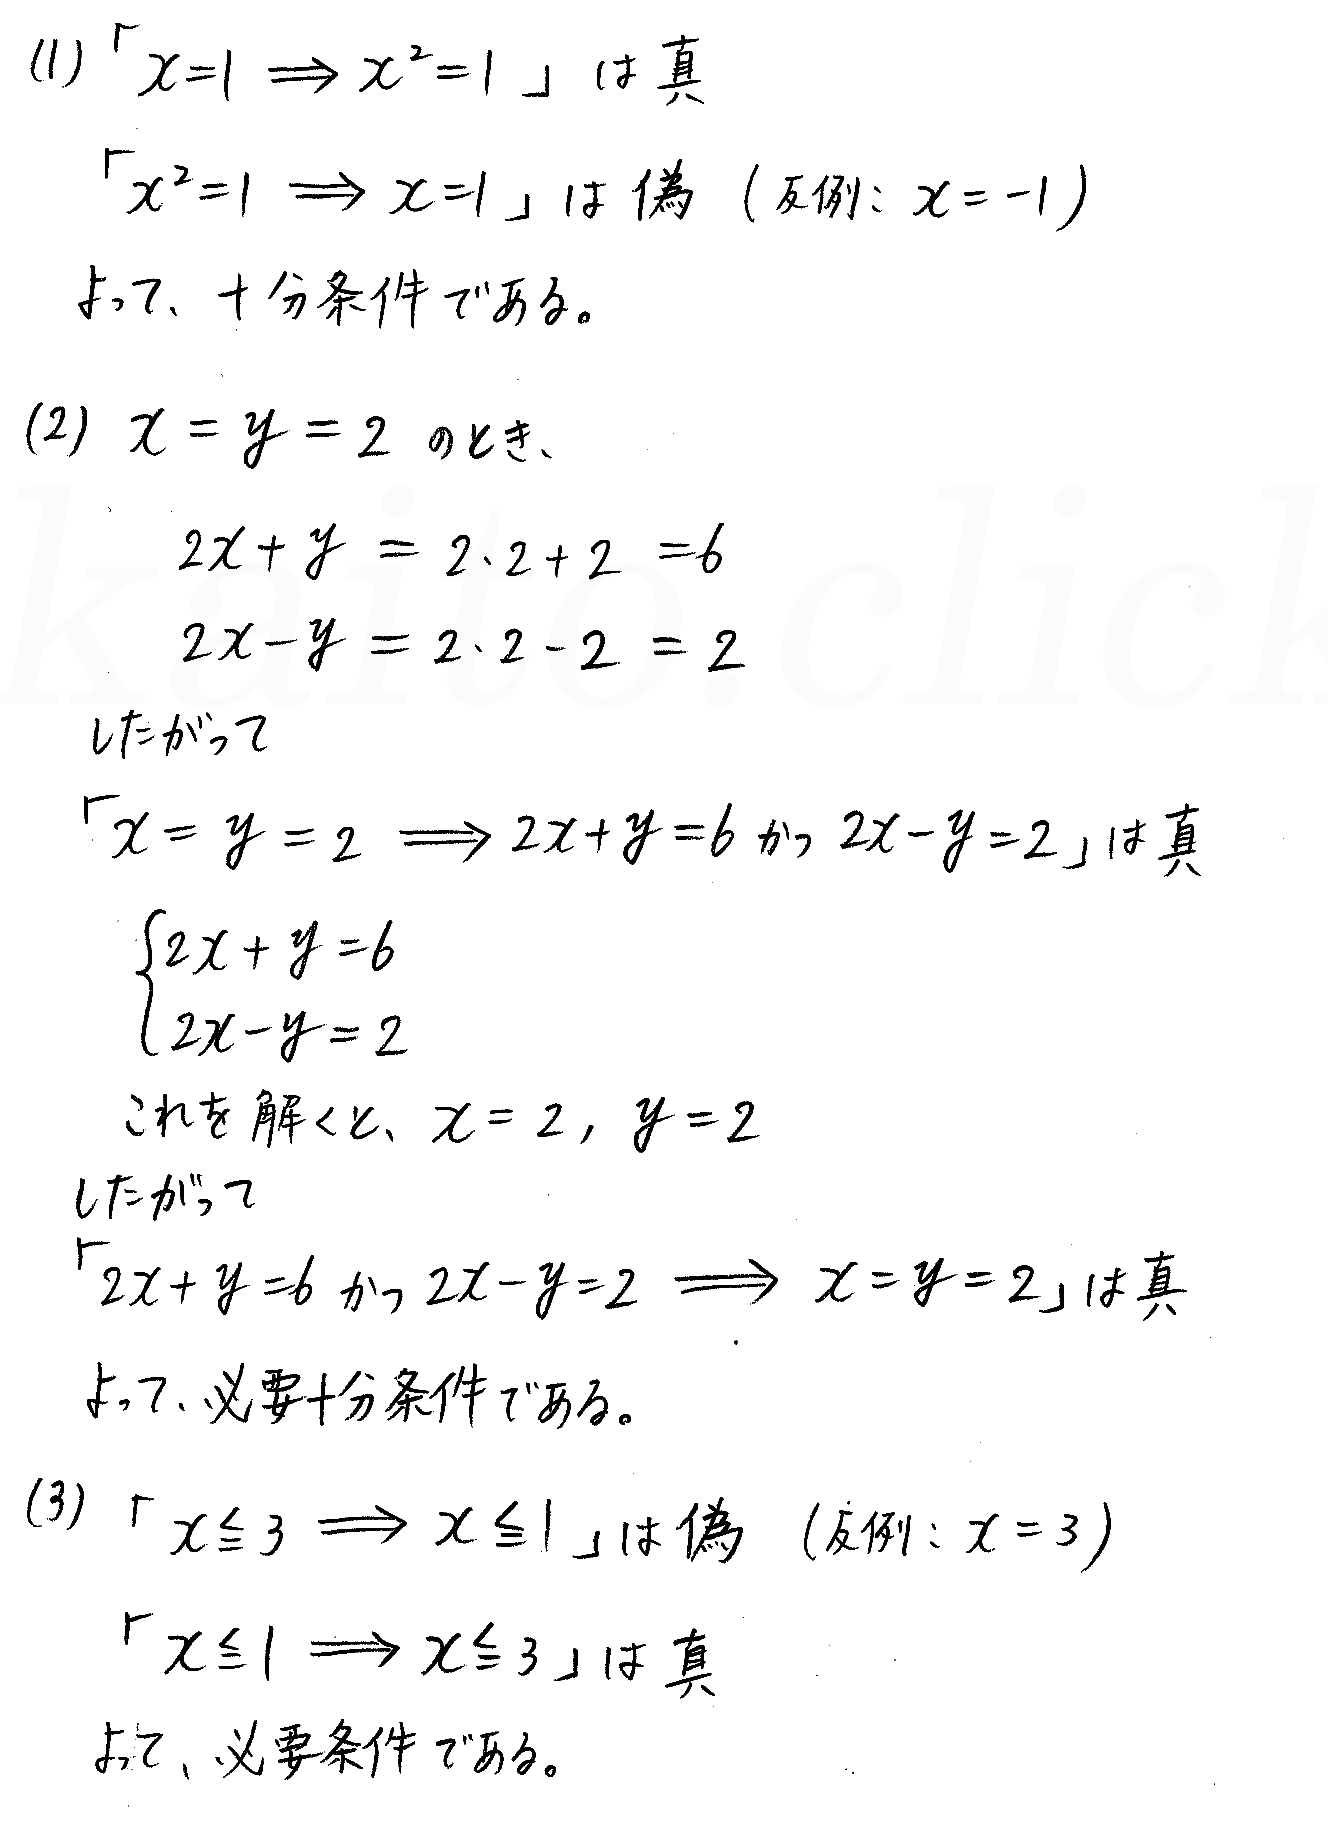 クリアー数学1-120解答